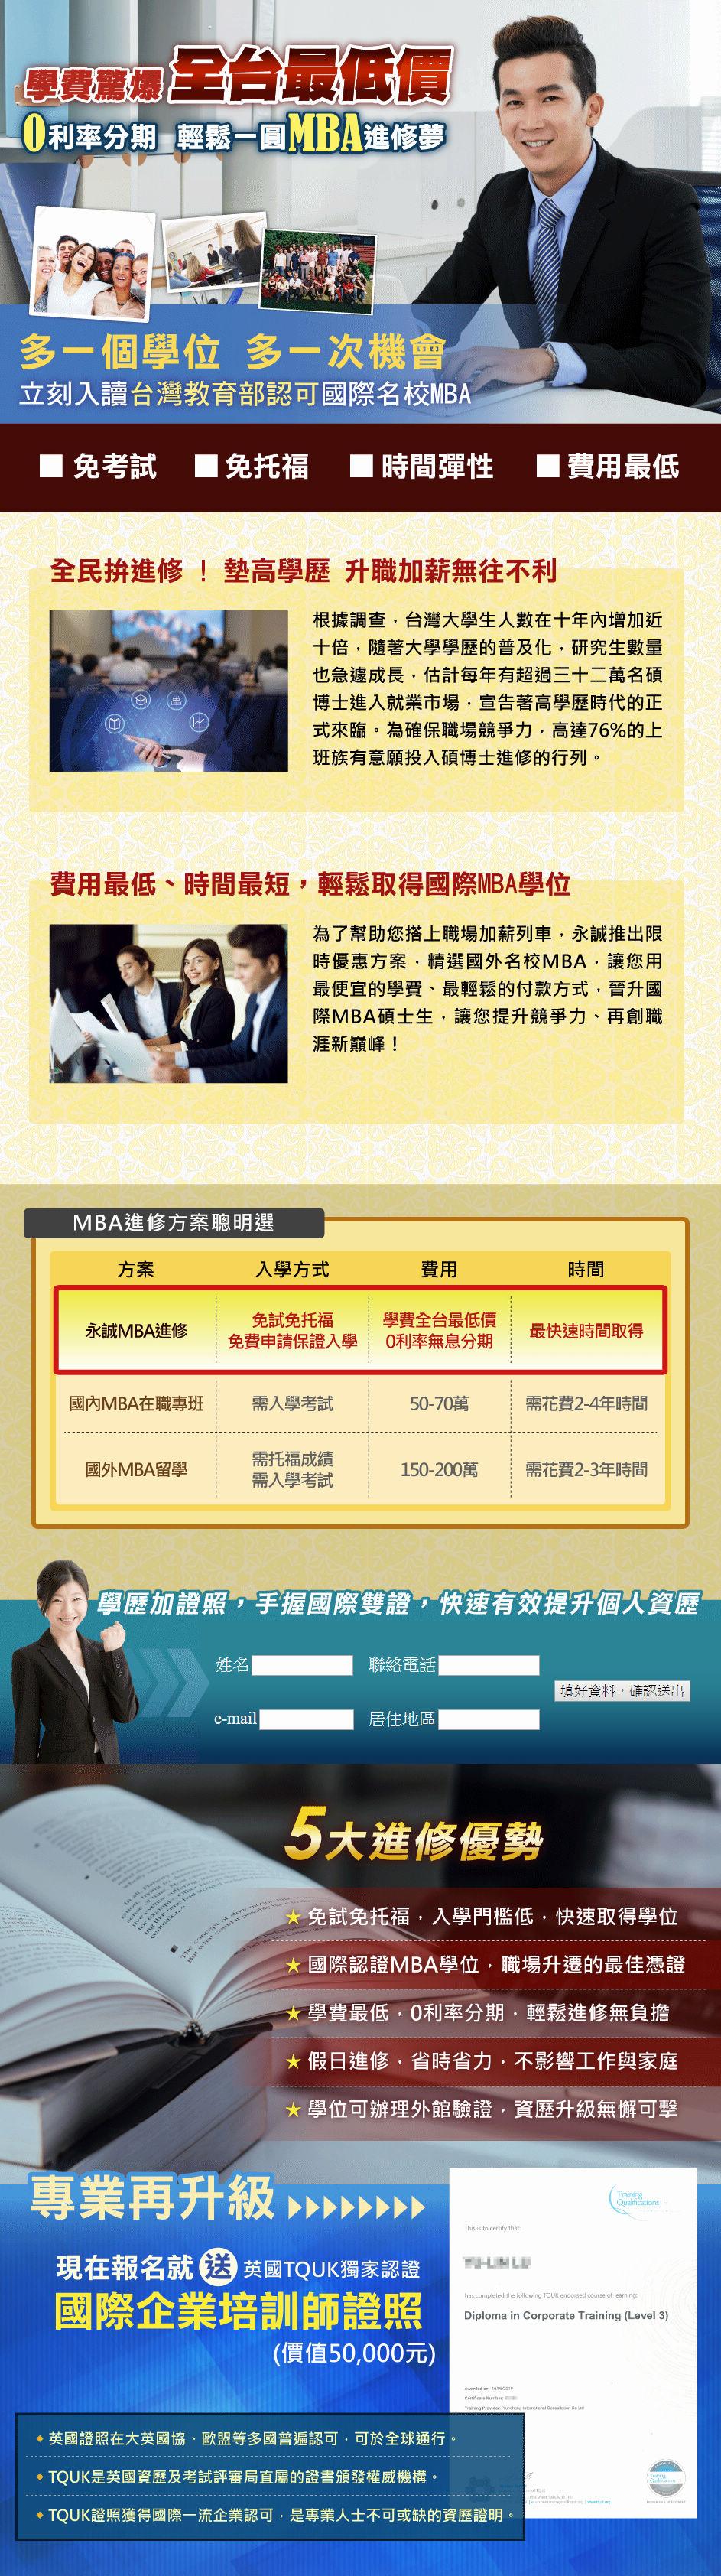 MBA 進修【台灣教育部認可國際名校】免試、免托福、時間彈性、費用最低!